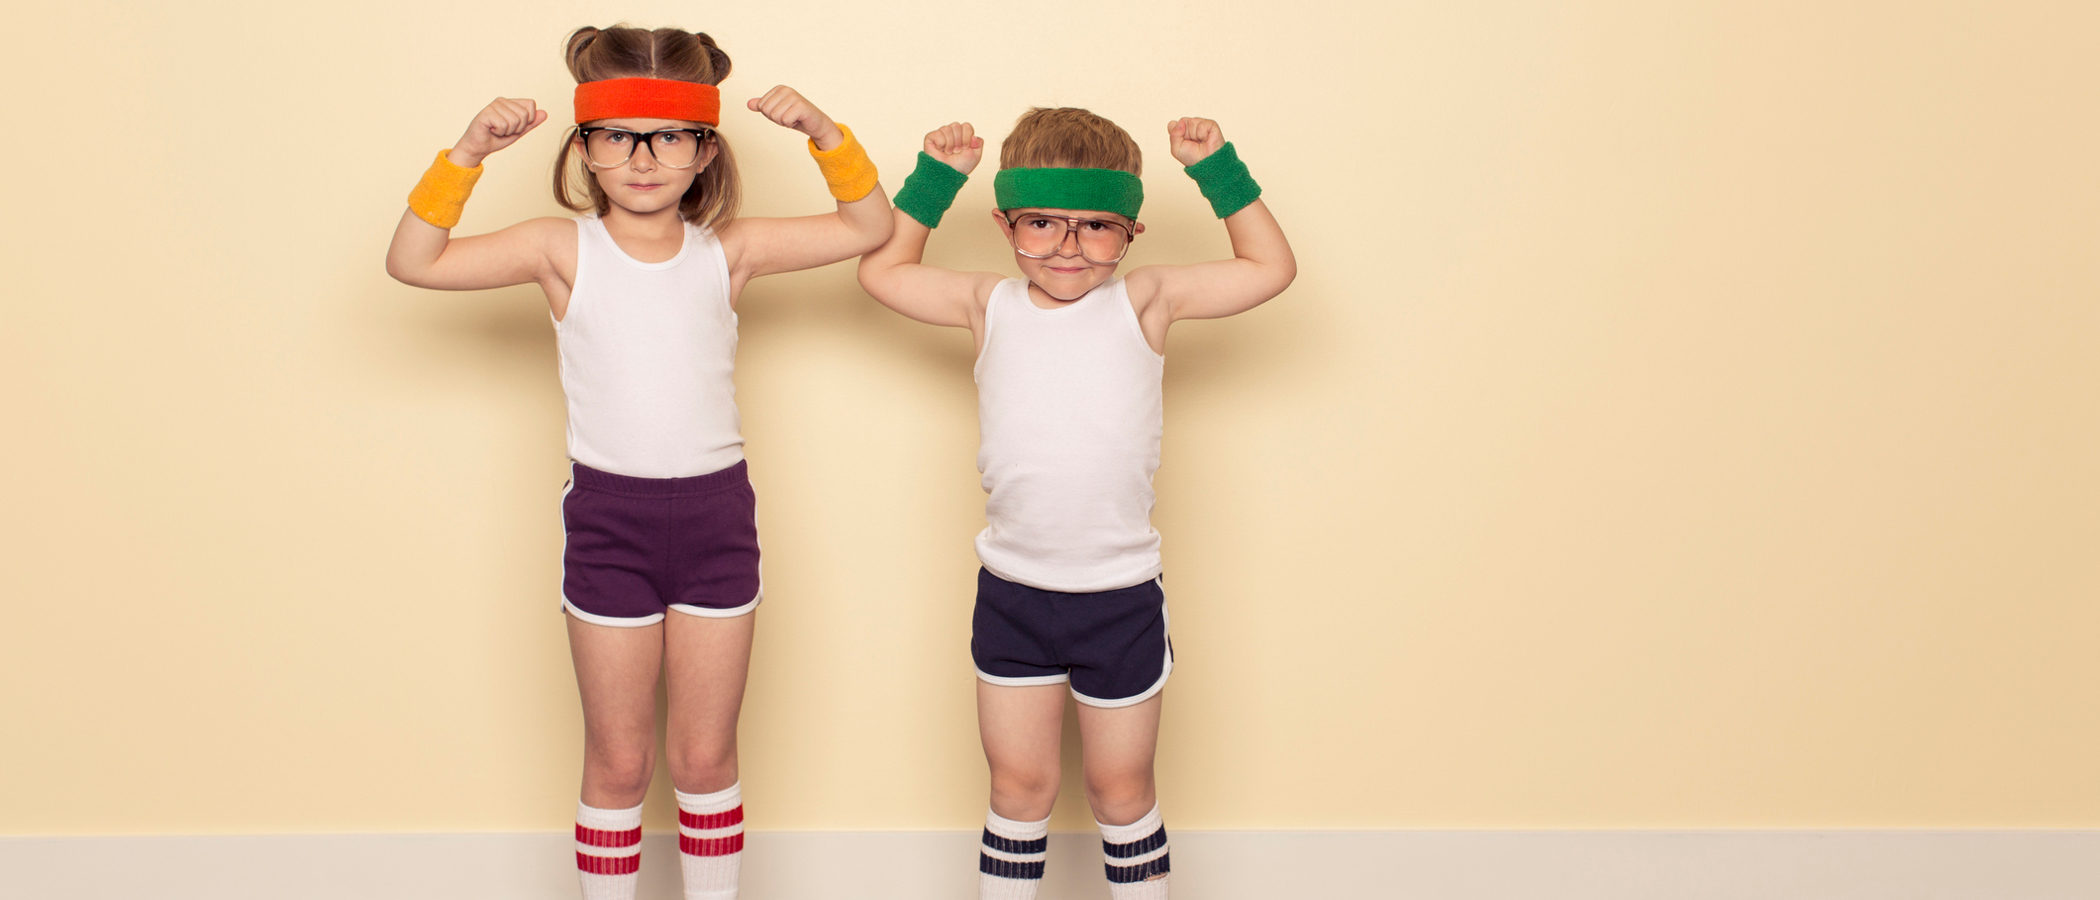 Quiero que mi hijo practique deporte pero no le gusta